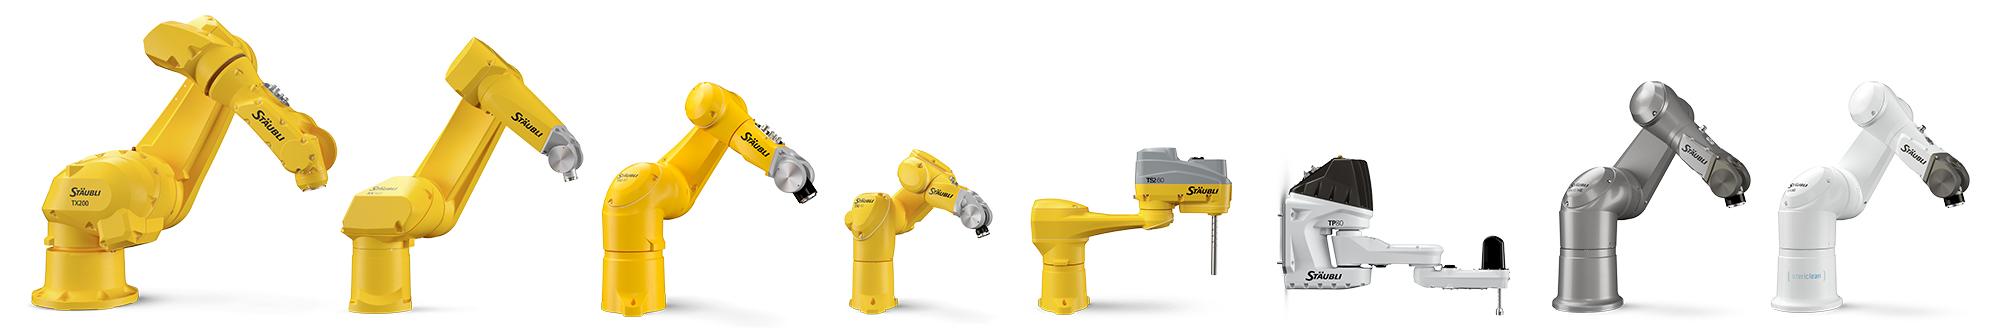 STÄUBLI - Roboter mit Schweizer Perfektion-(c) STÄUBLI